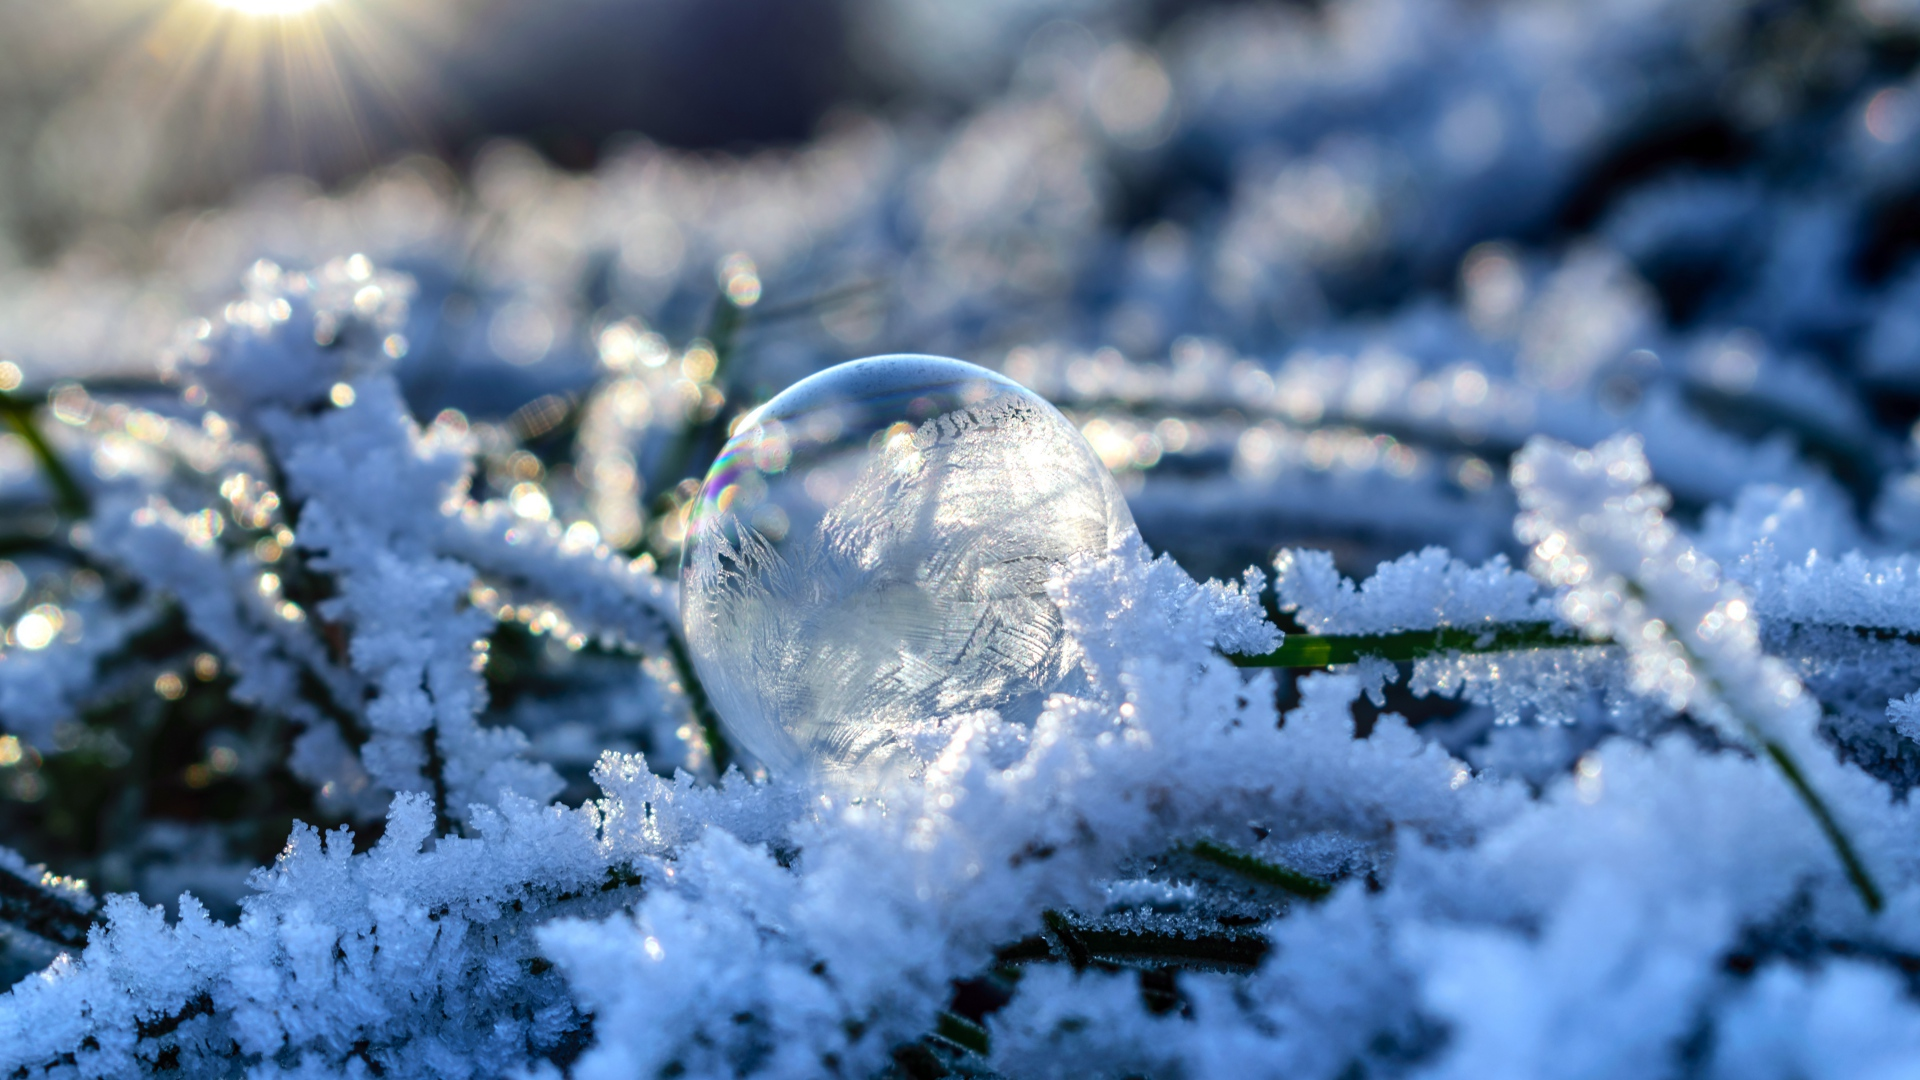 Hd Hintergrundbilder Kugel Schnee Frost Blase Desktop